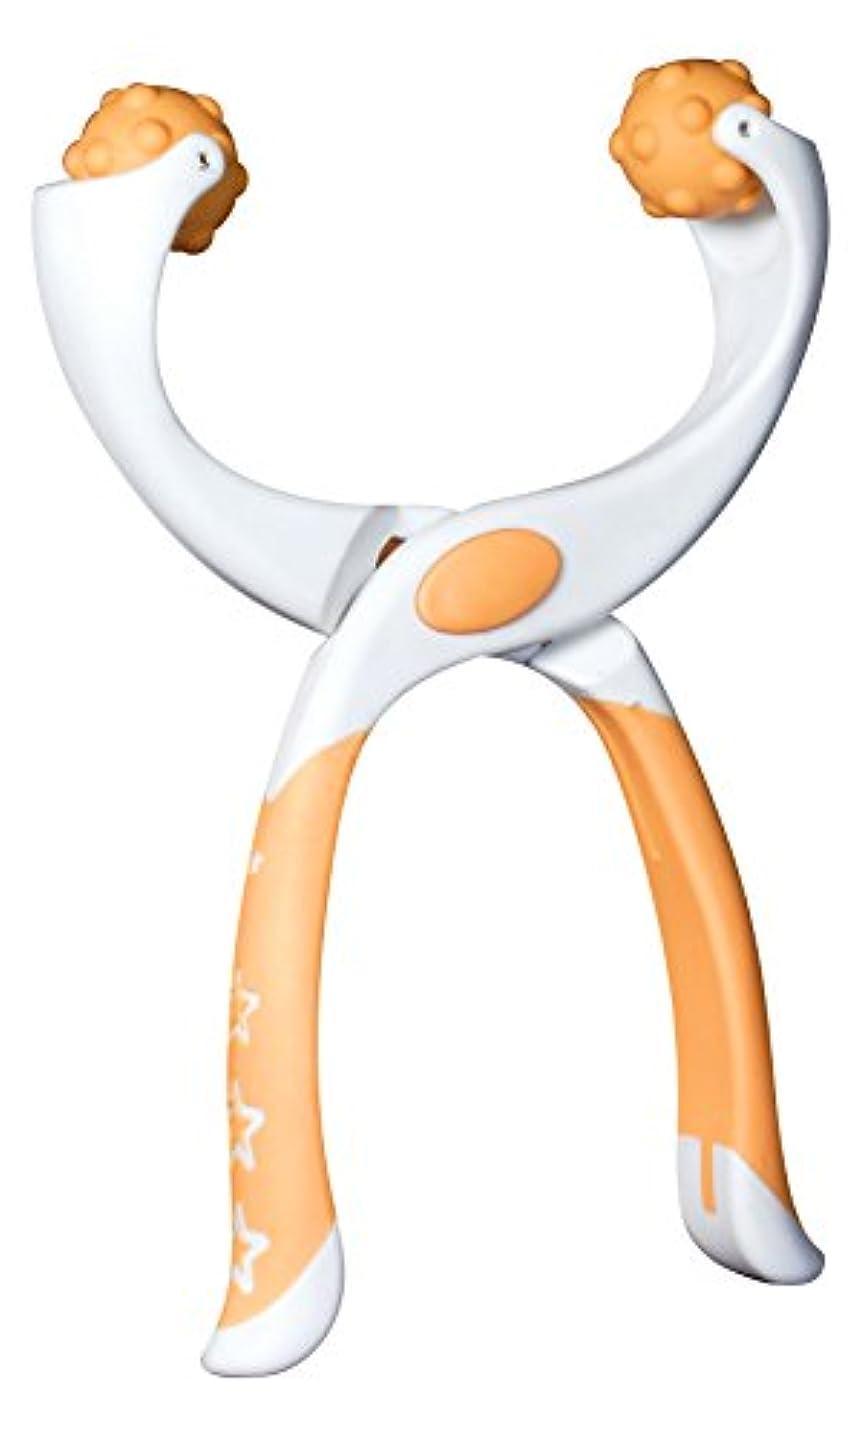 顕現通り抜けるコンサートつまんdeペンチ ツボ押し【足用】 オレンジ ポーチ付き「職場で使える軽くて持ち運べるマッサージ機」